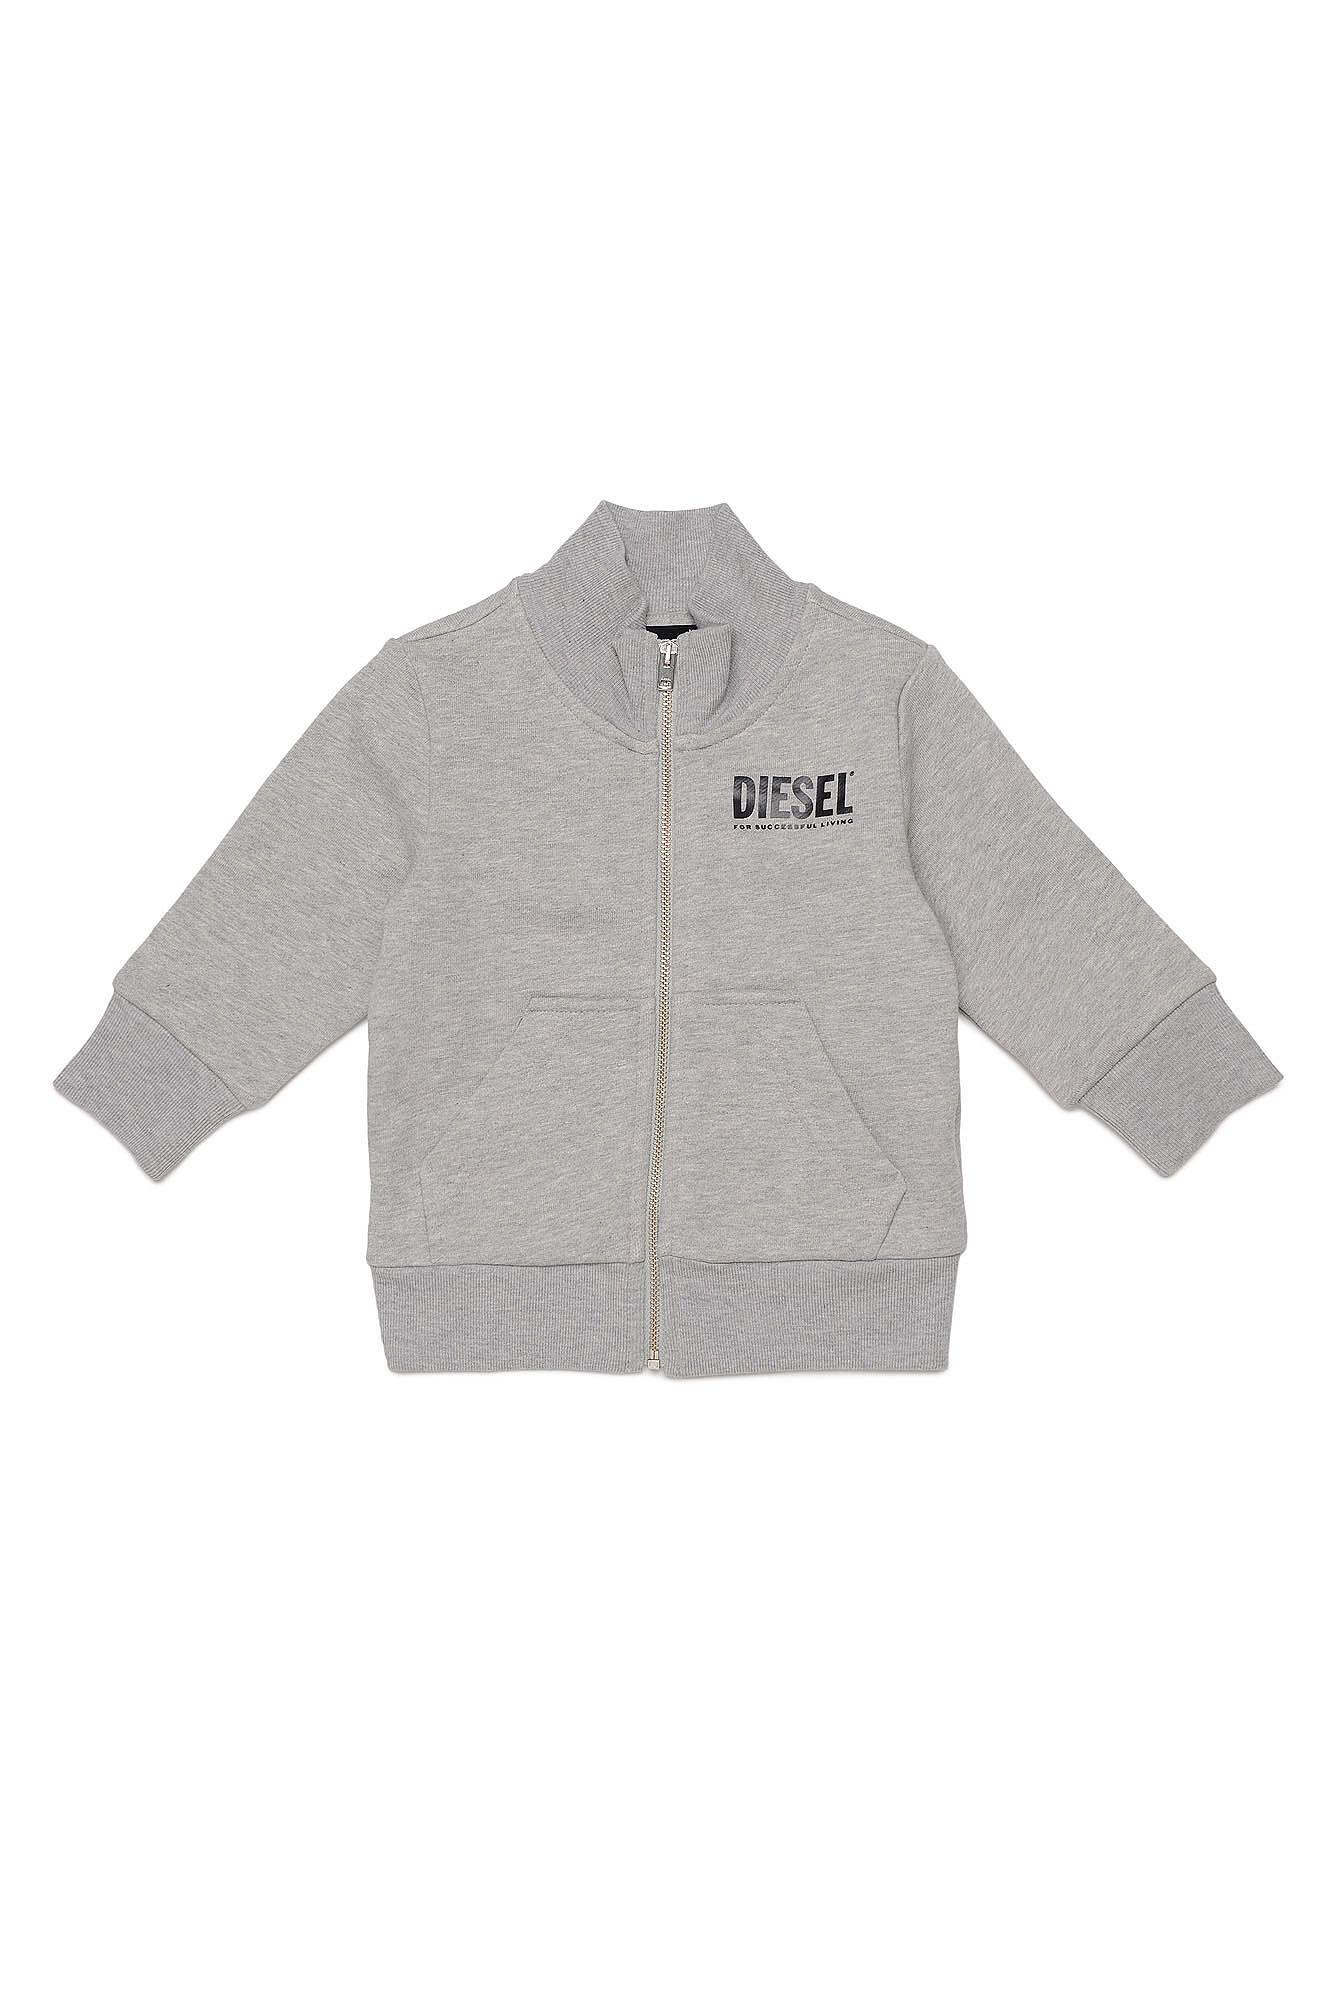 Sonnyb Sweatshirt - Diesel Kid